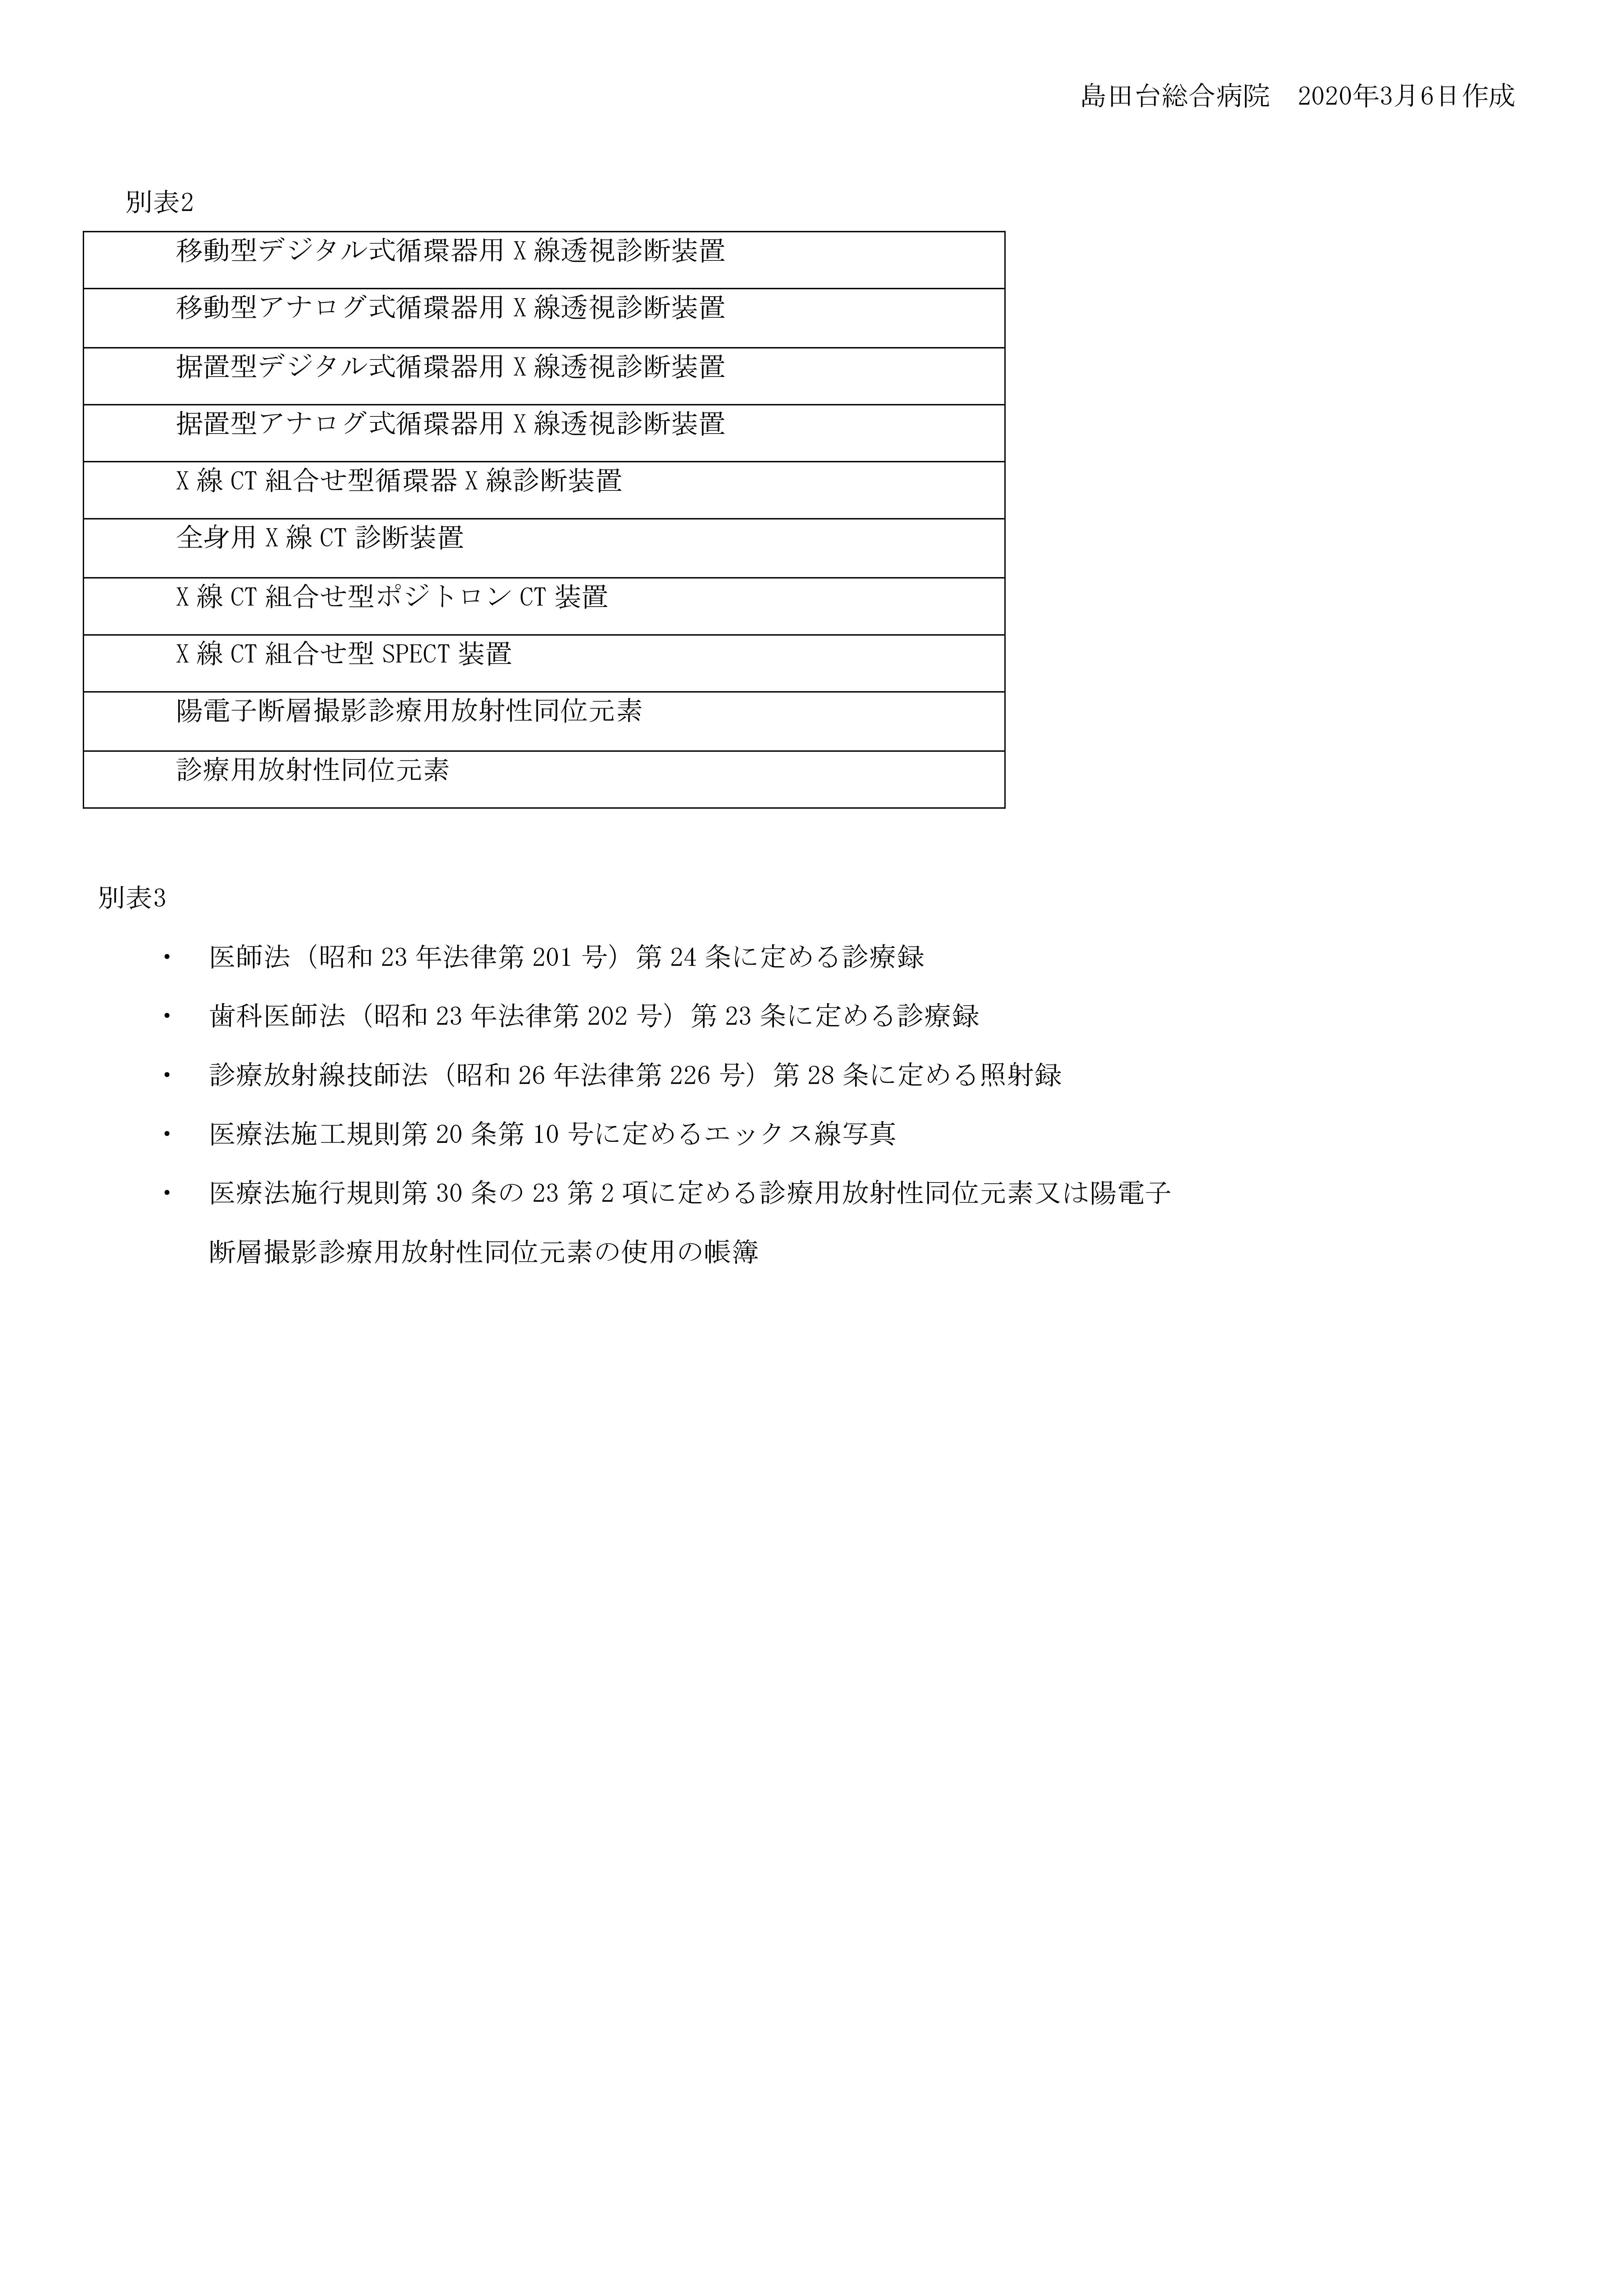 医療放射線安全管理に関する指針-05